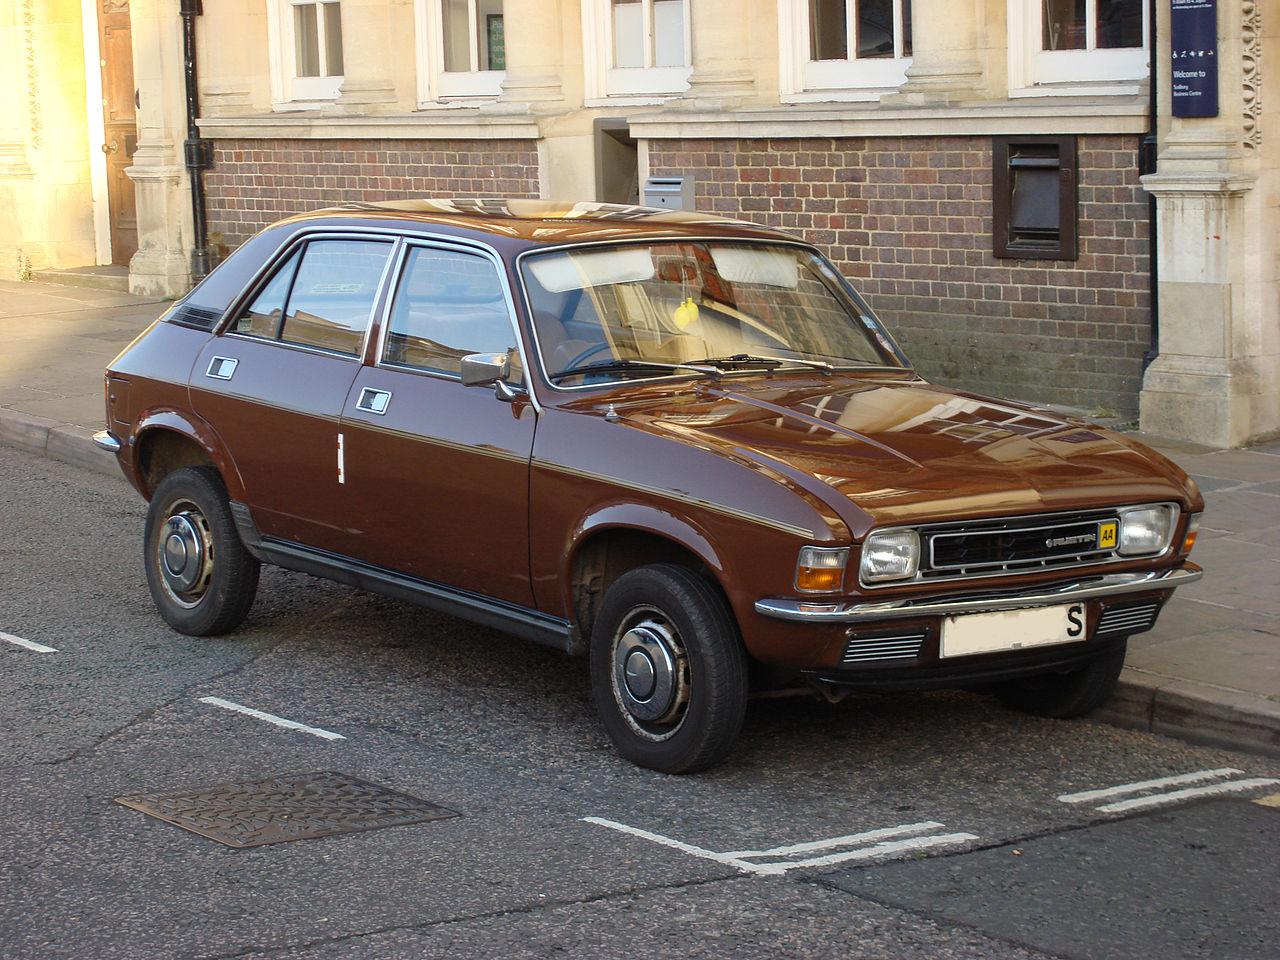 Royal Rent Car Fort Lauderdale Reviews